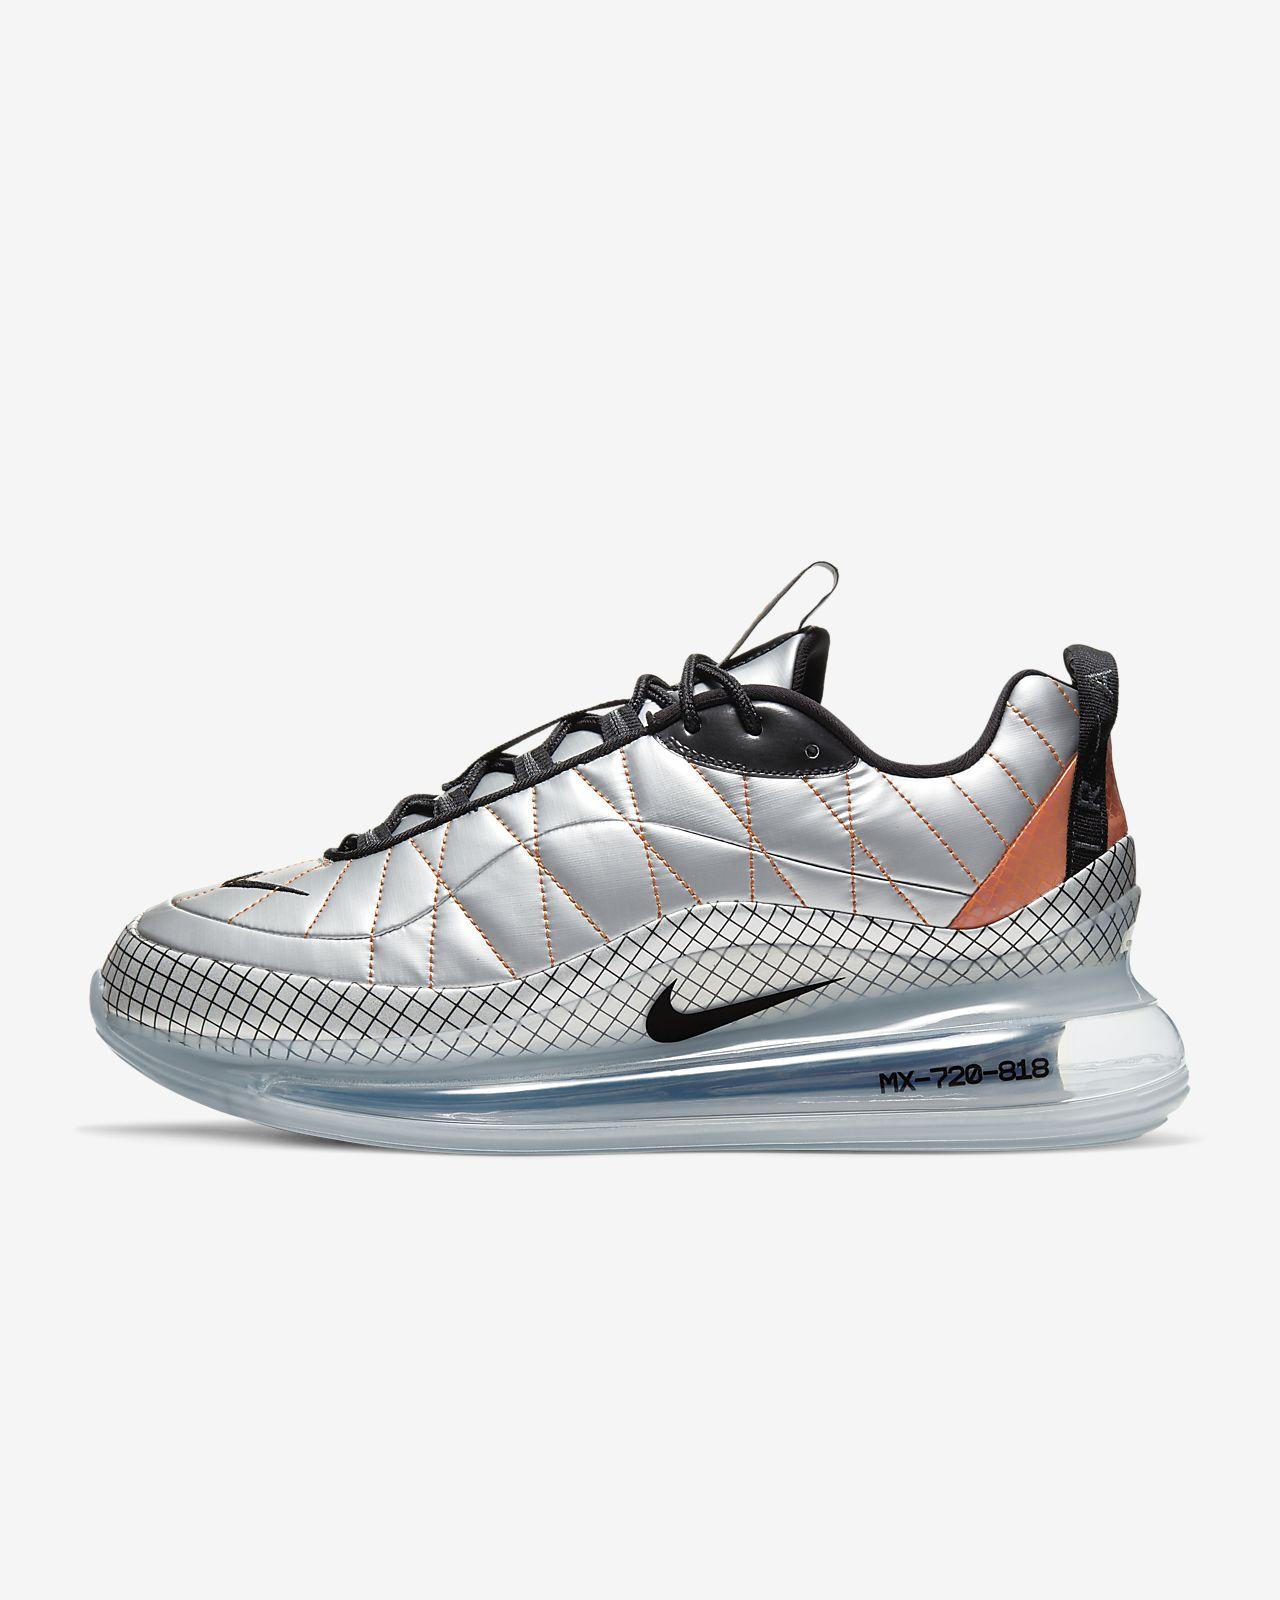 Nike MX-720-818 Herenschoen